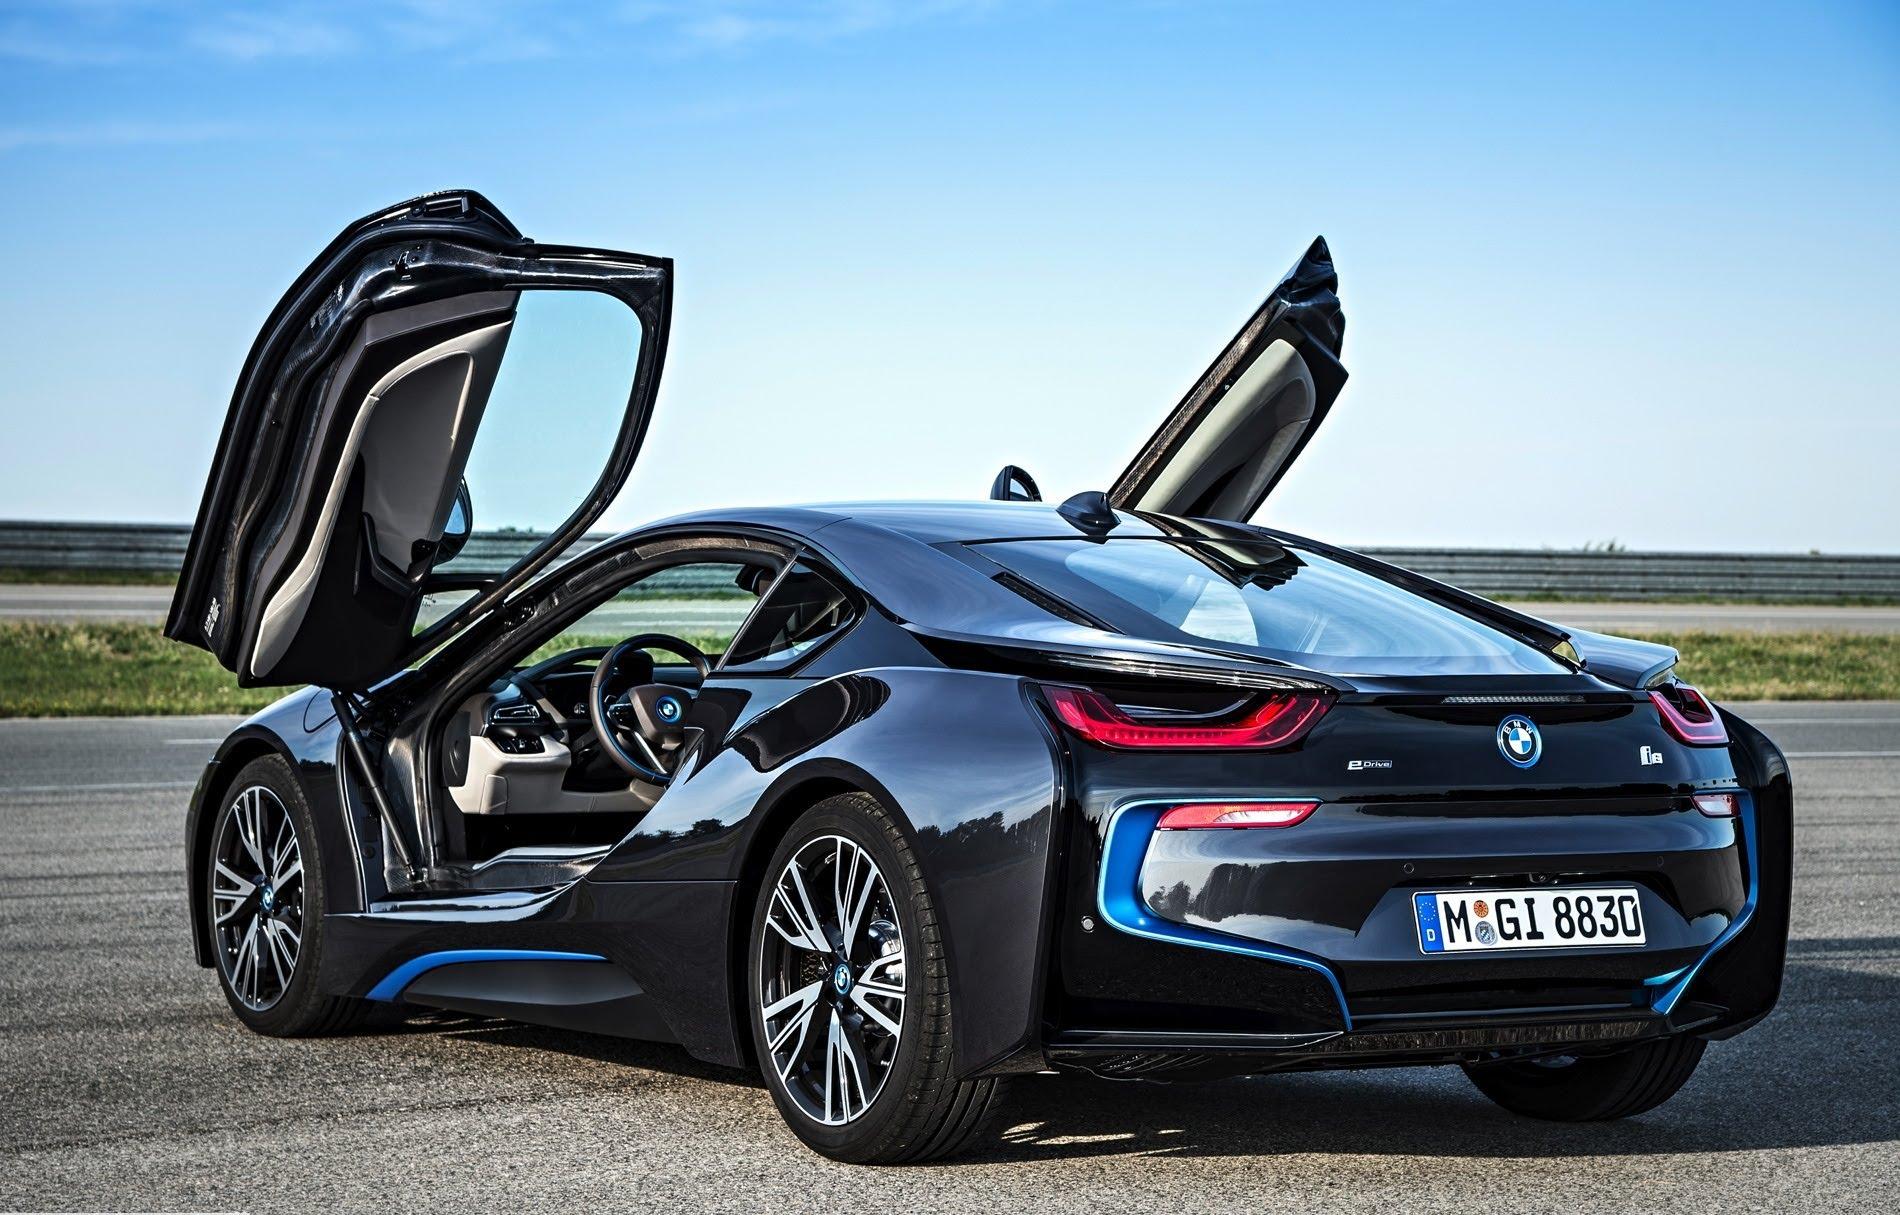 2014 bmw i8 automobile car review video